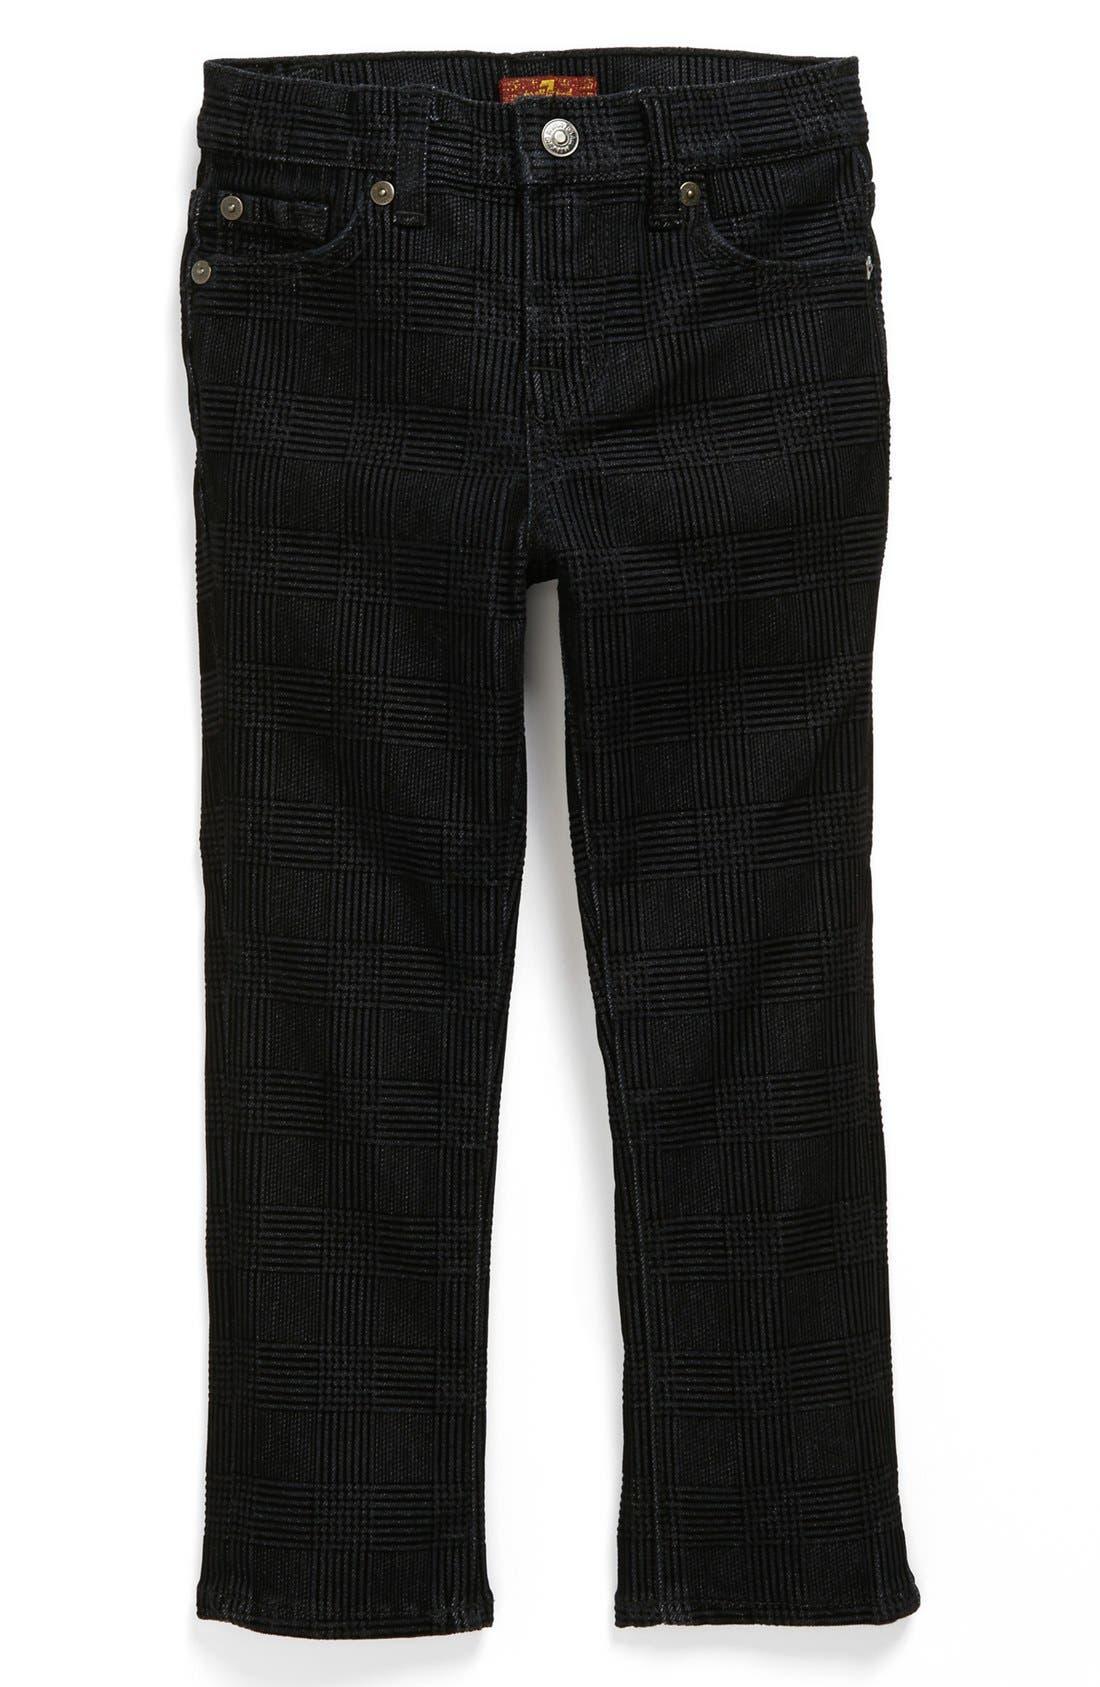 Alternate Image 2  - 7 For All Mankind® 'Slimmy' Flocked Slim Fit Jeans (Toddler Boys)